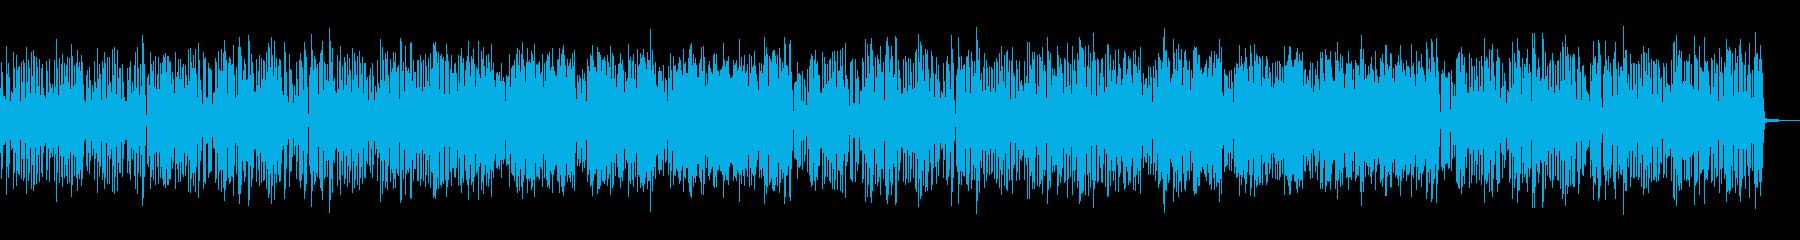 楽しくわいわいするようなカントリーBGMの再生済みの波形